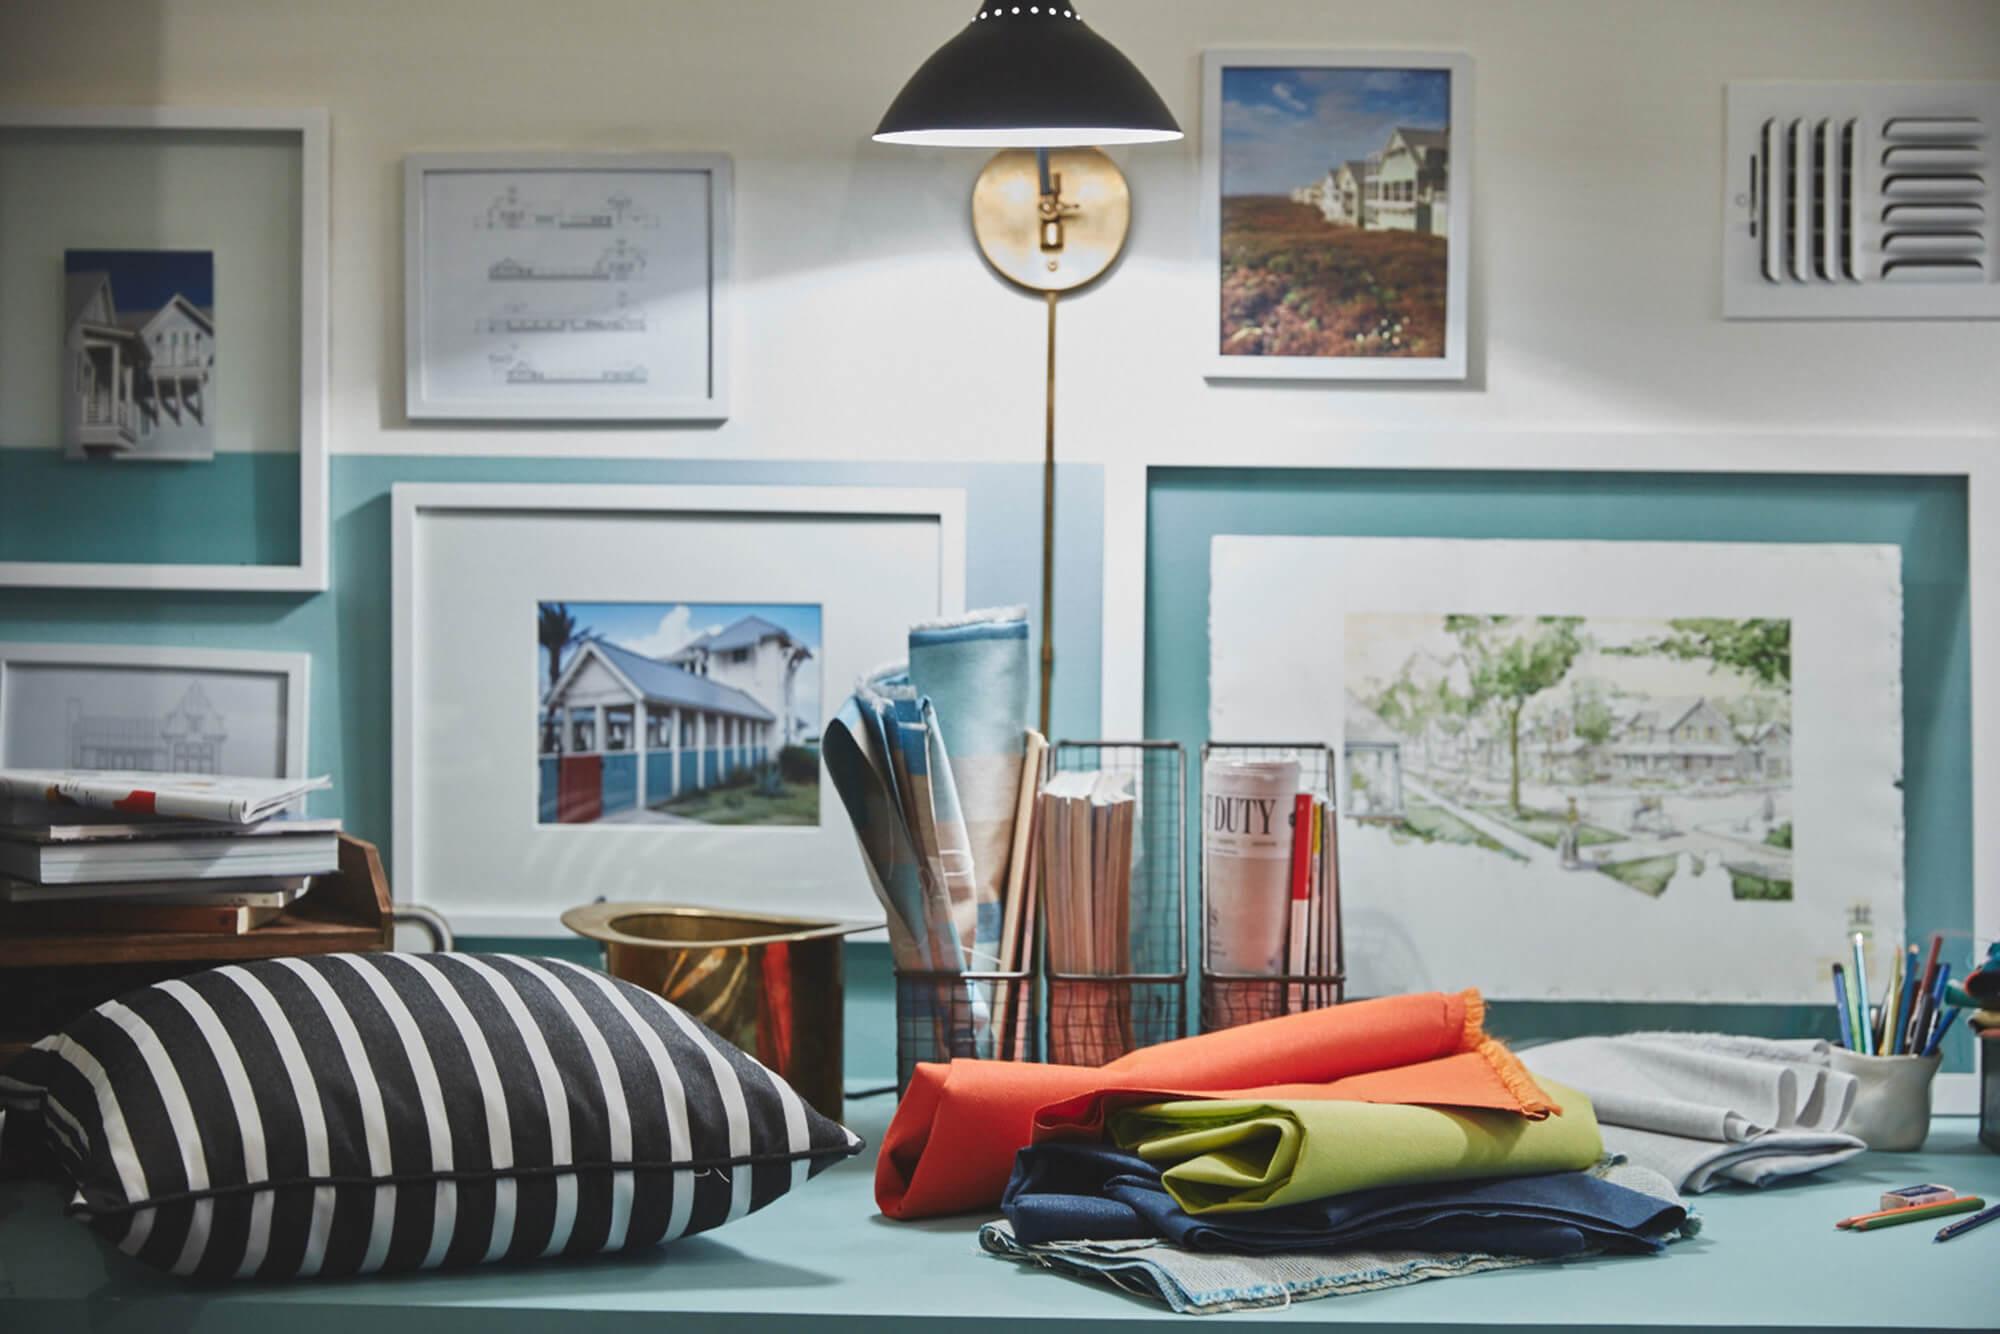 Lo spazio di lavoro di un designer con cuscini a strisce bianche e nere e tessuti accatastati